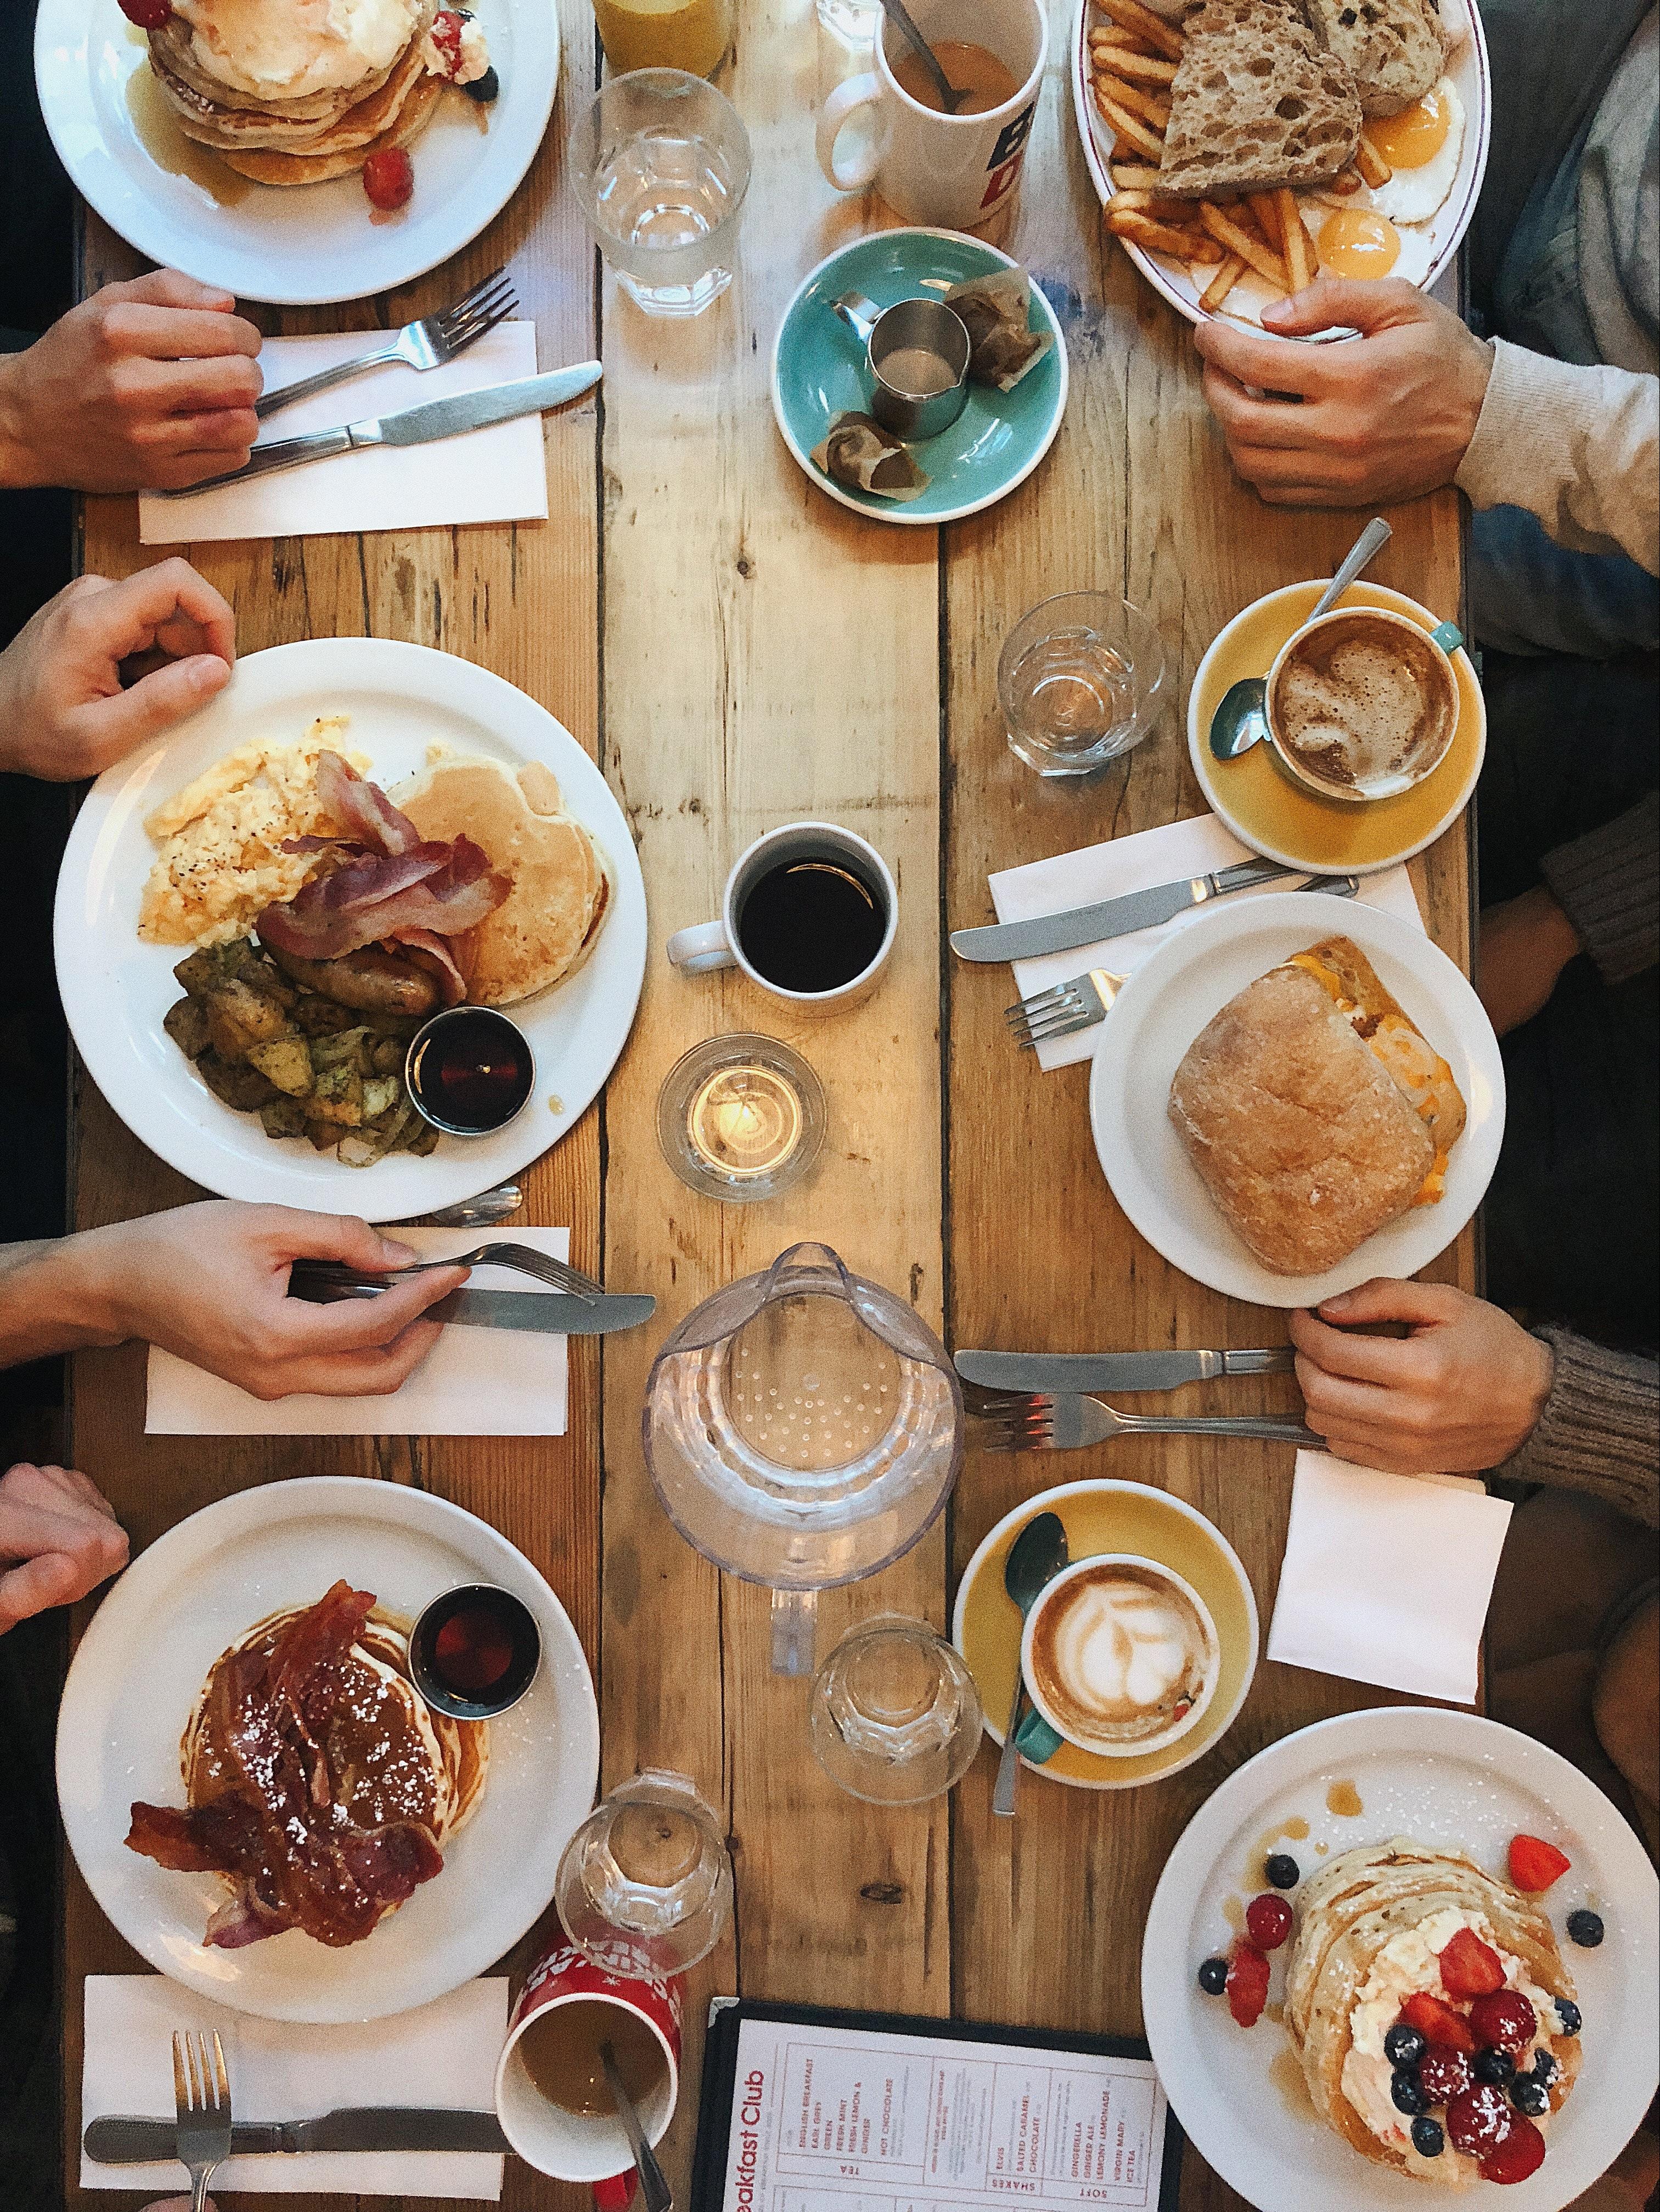 caffeine-coffee-cuisine-1528013